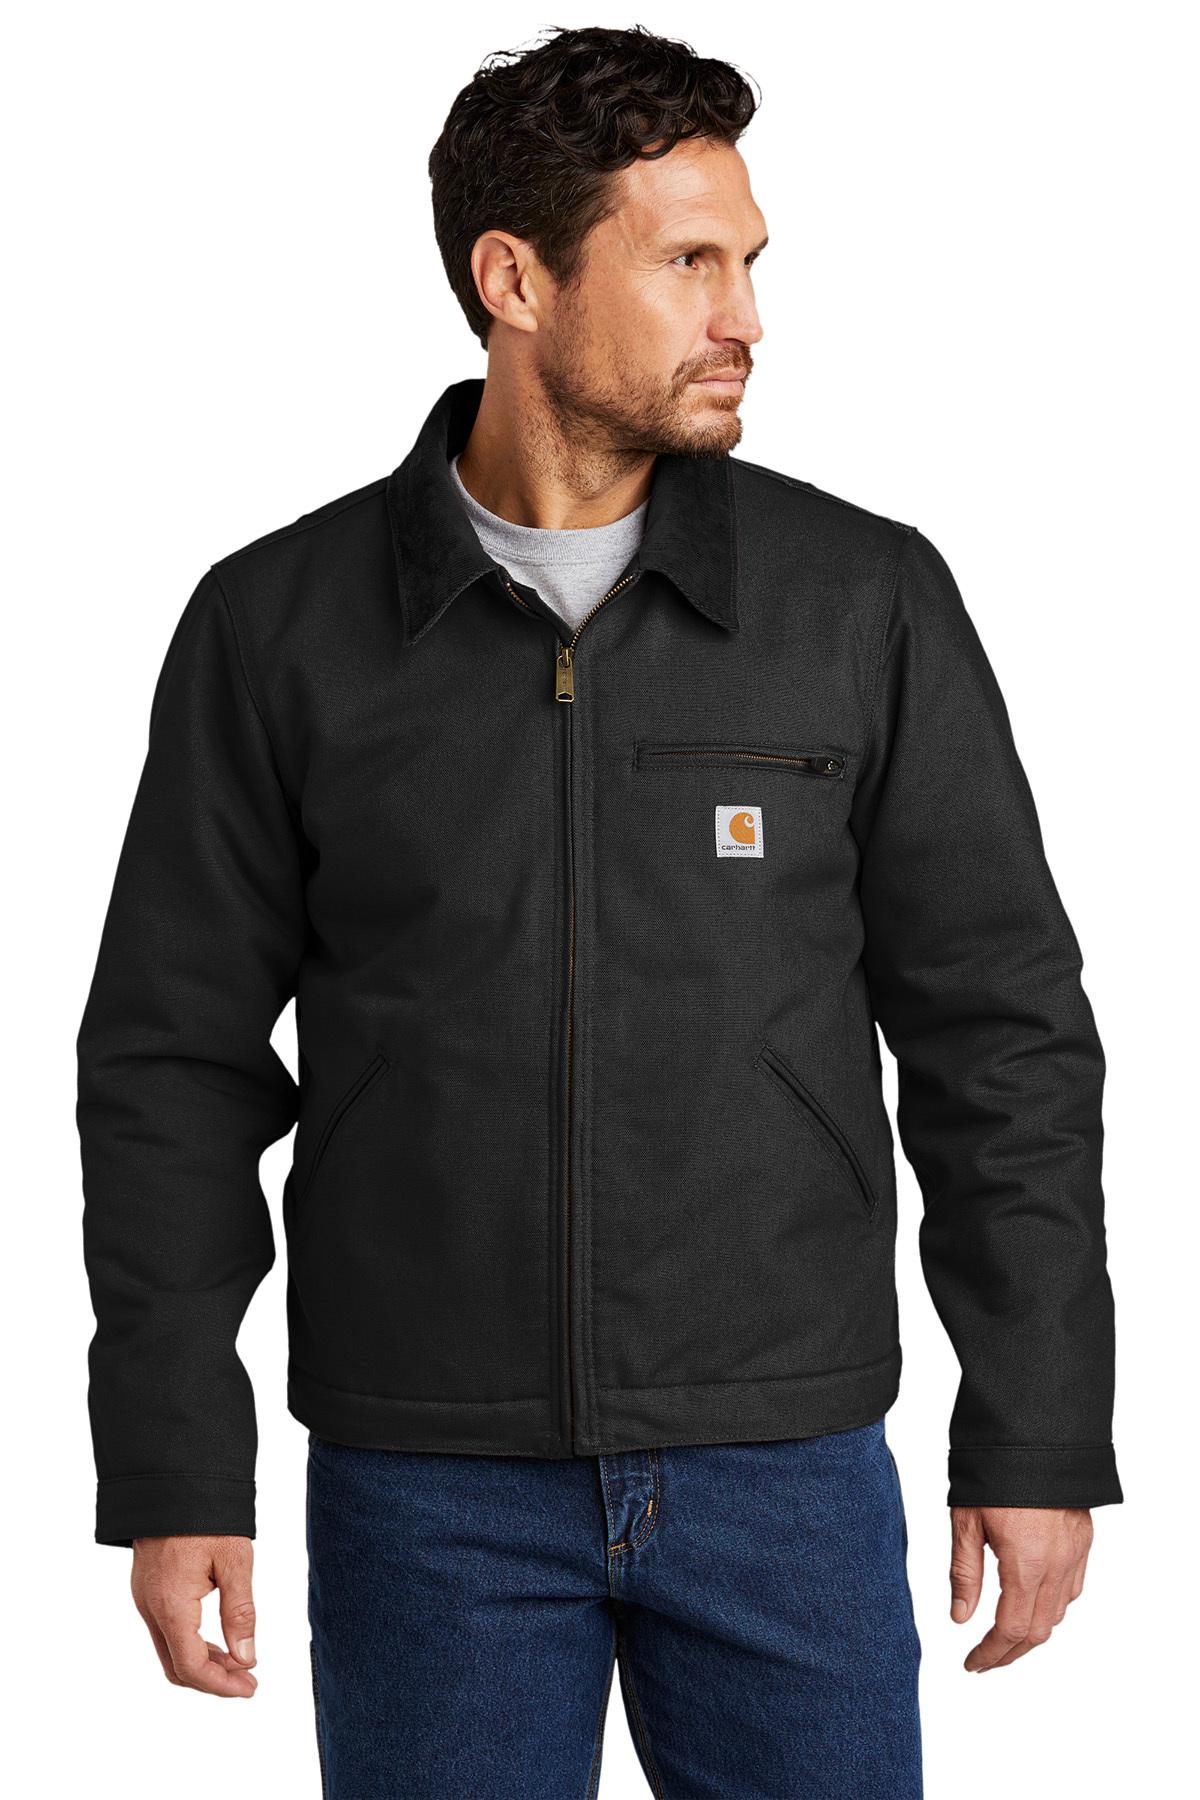 Carhartt Duck Detroit Jacket Insulated Jackets Outerwear Sanmar [ 1800 x 1200 Pixel ]